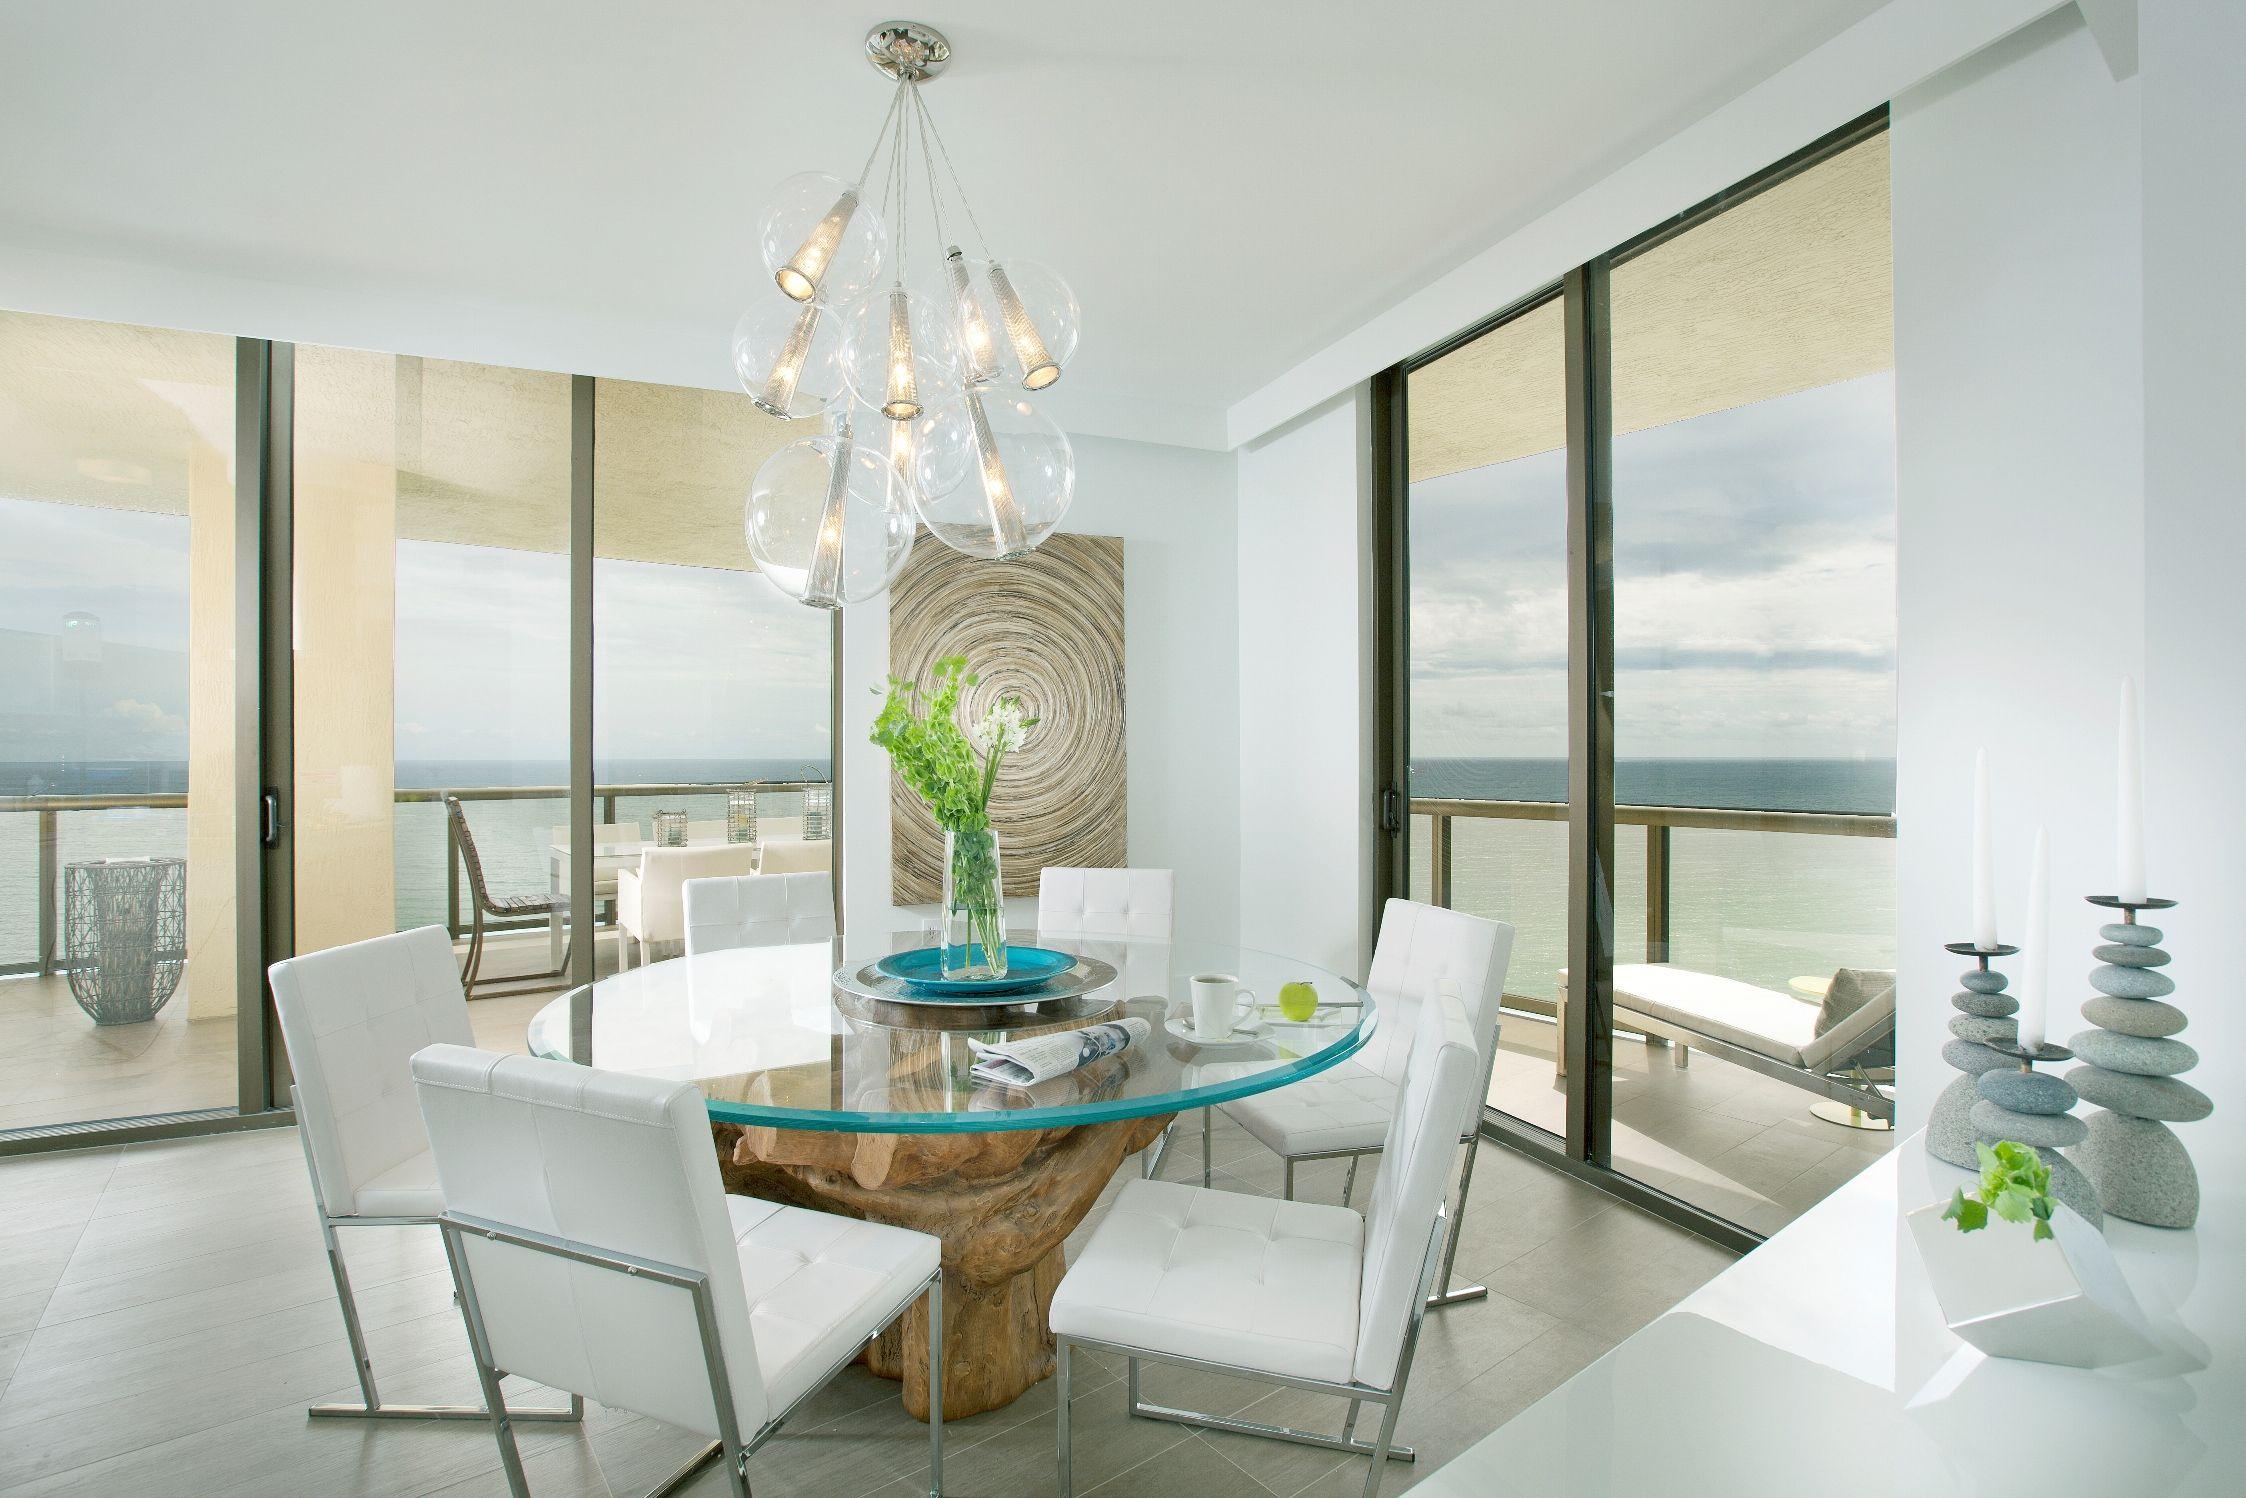 modern coastal interior design | Miami Interior Design Project ...